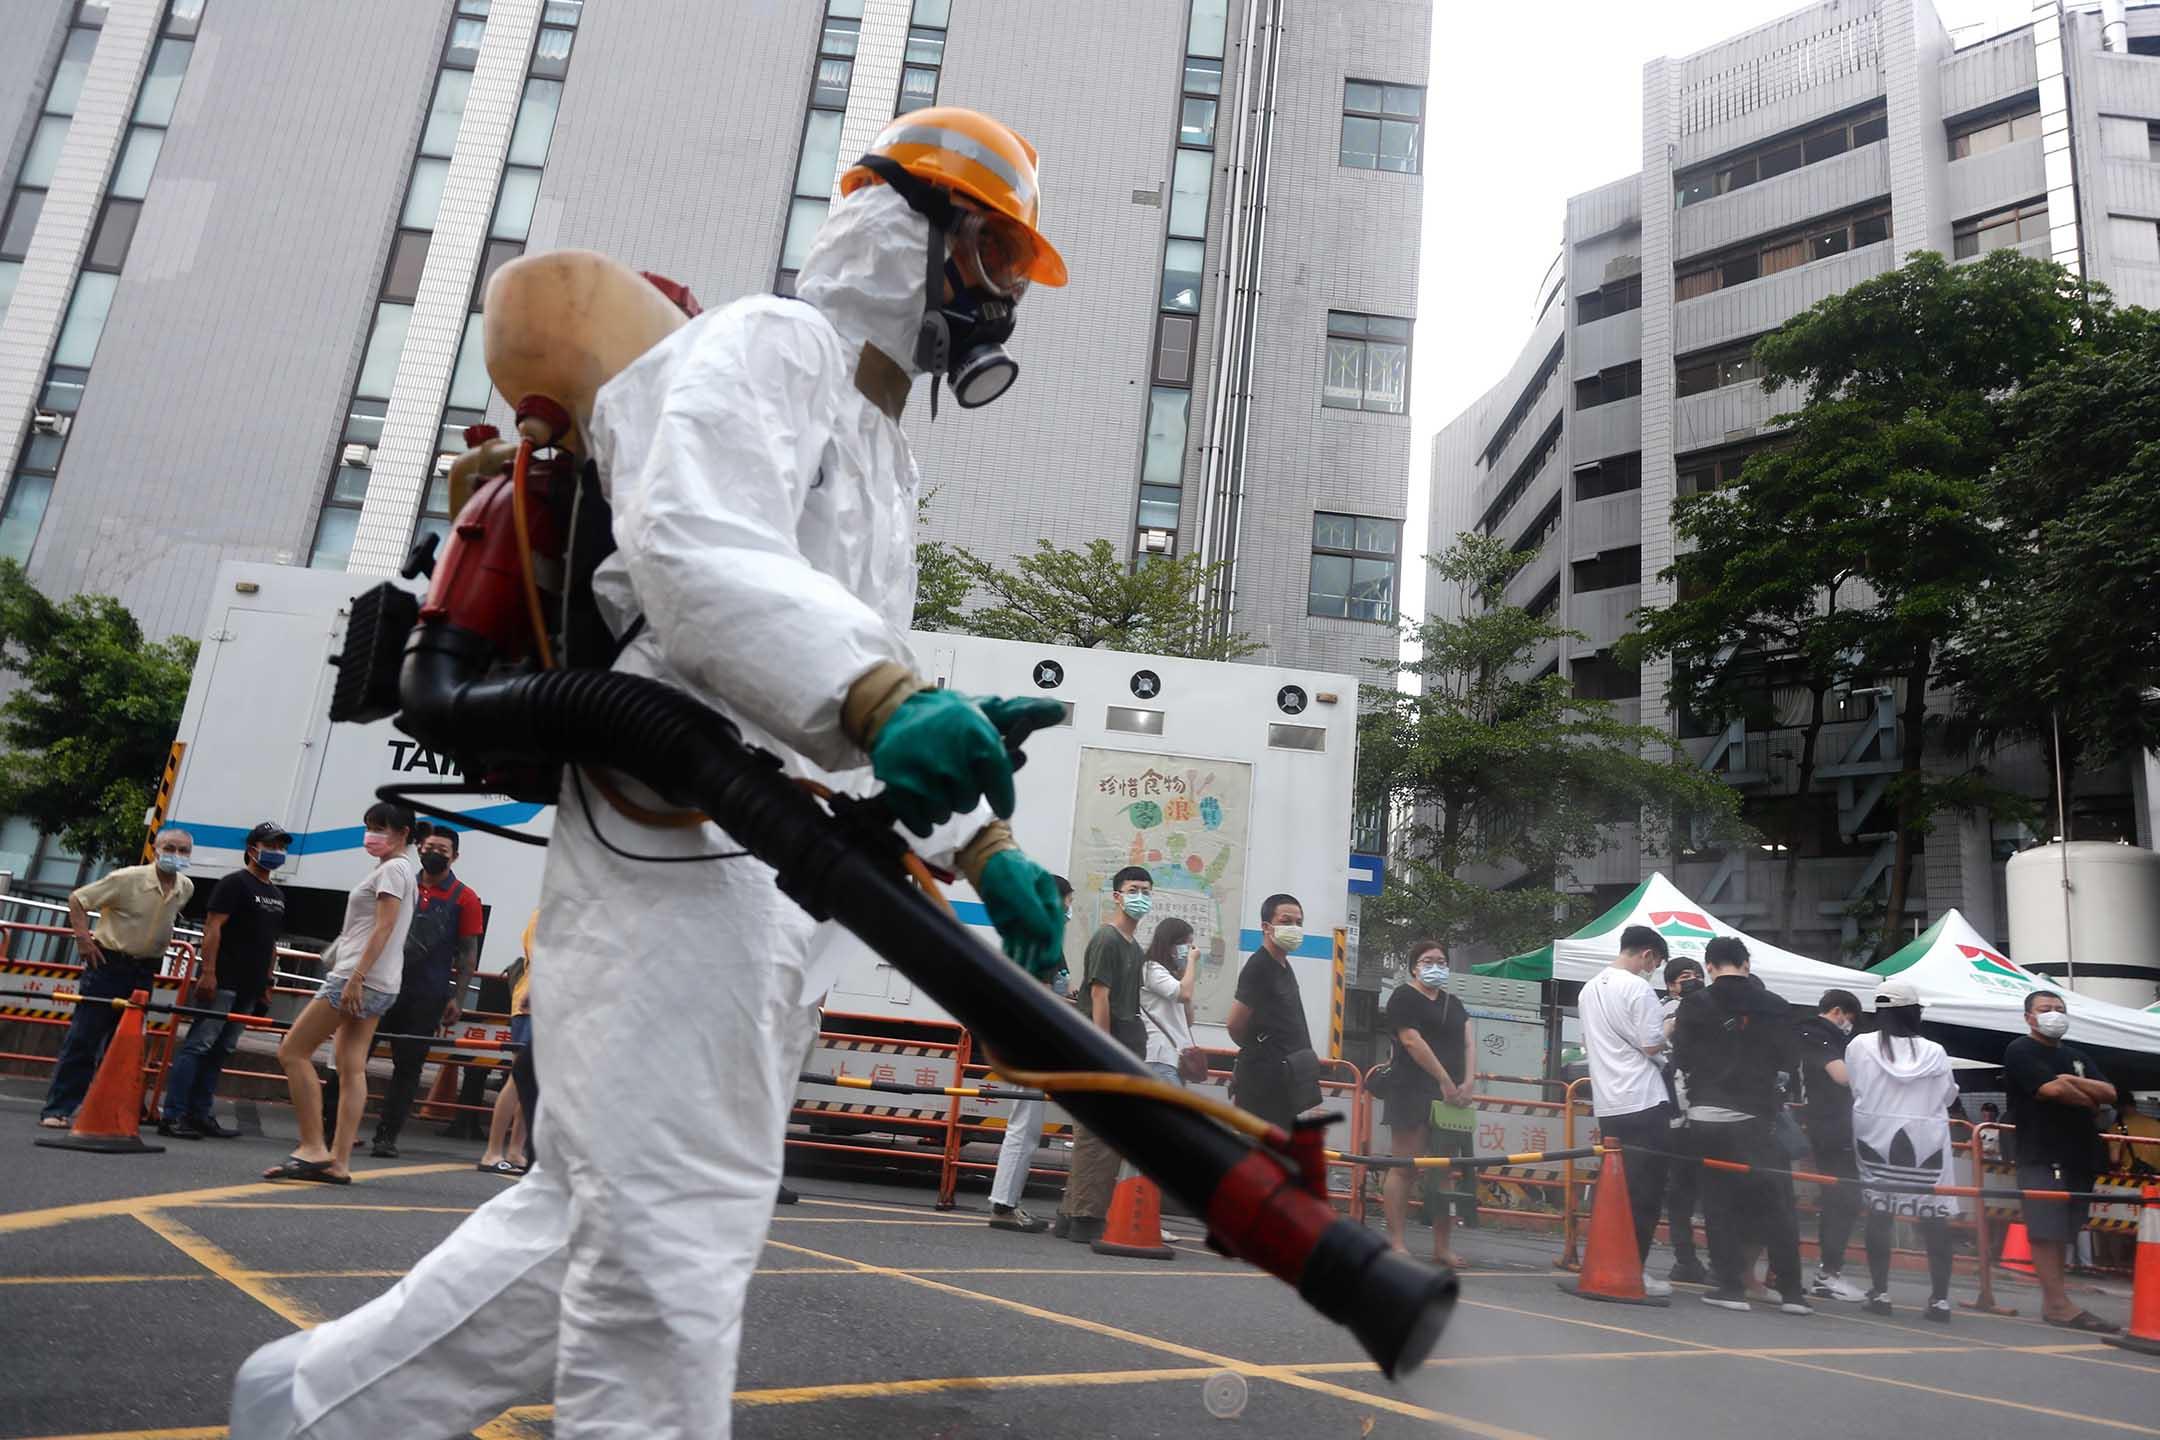 2021年5月15日台北,市民在一家醫院排隊接受2019冠狀病毒測試。